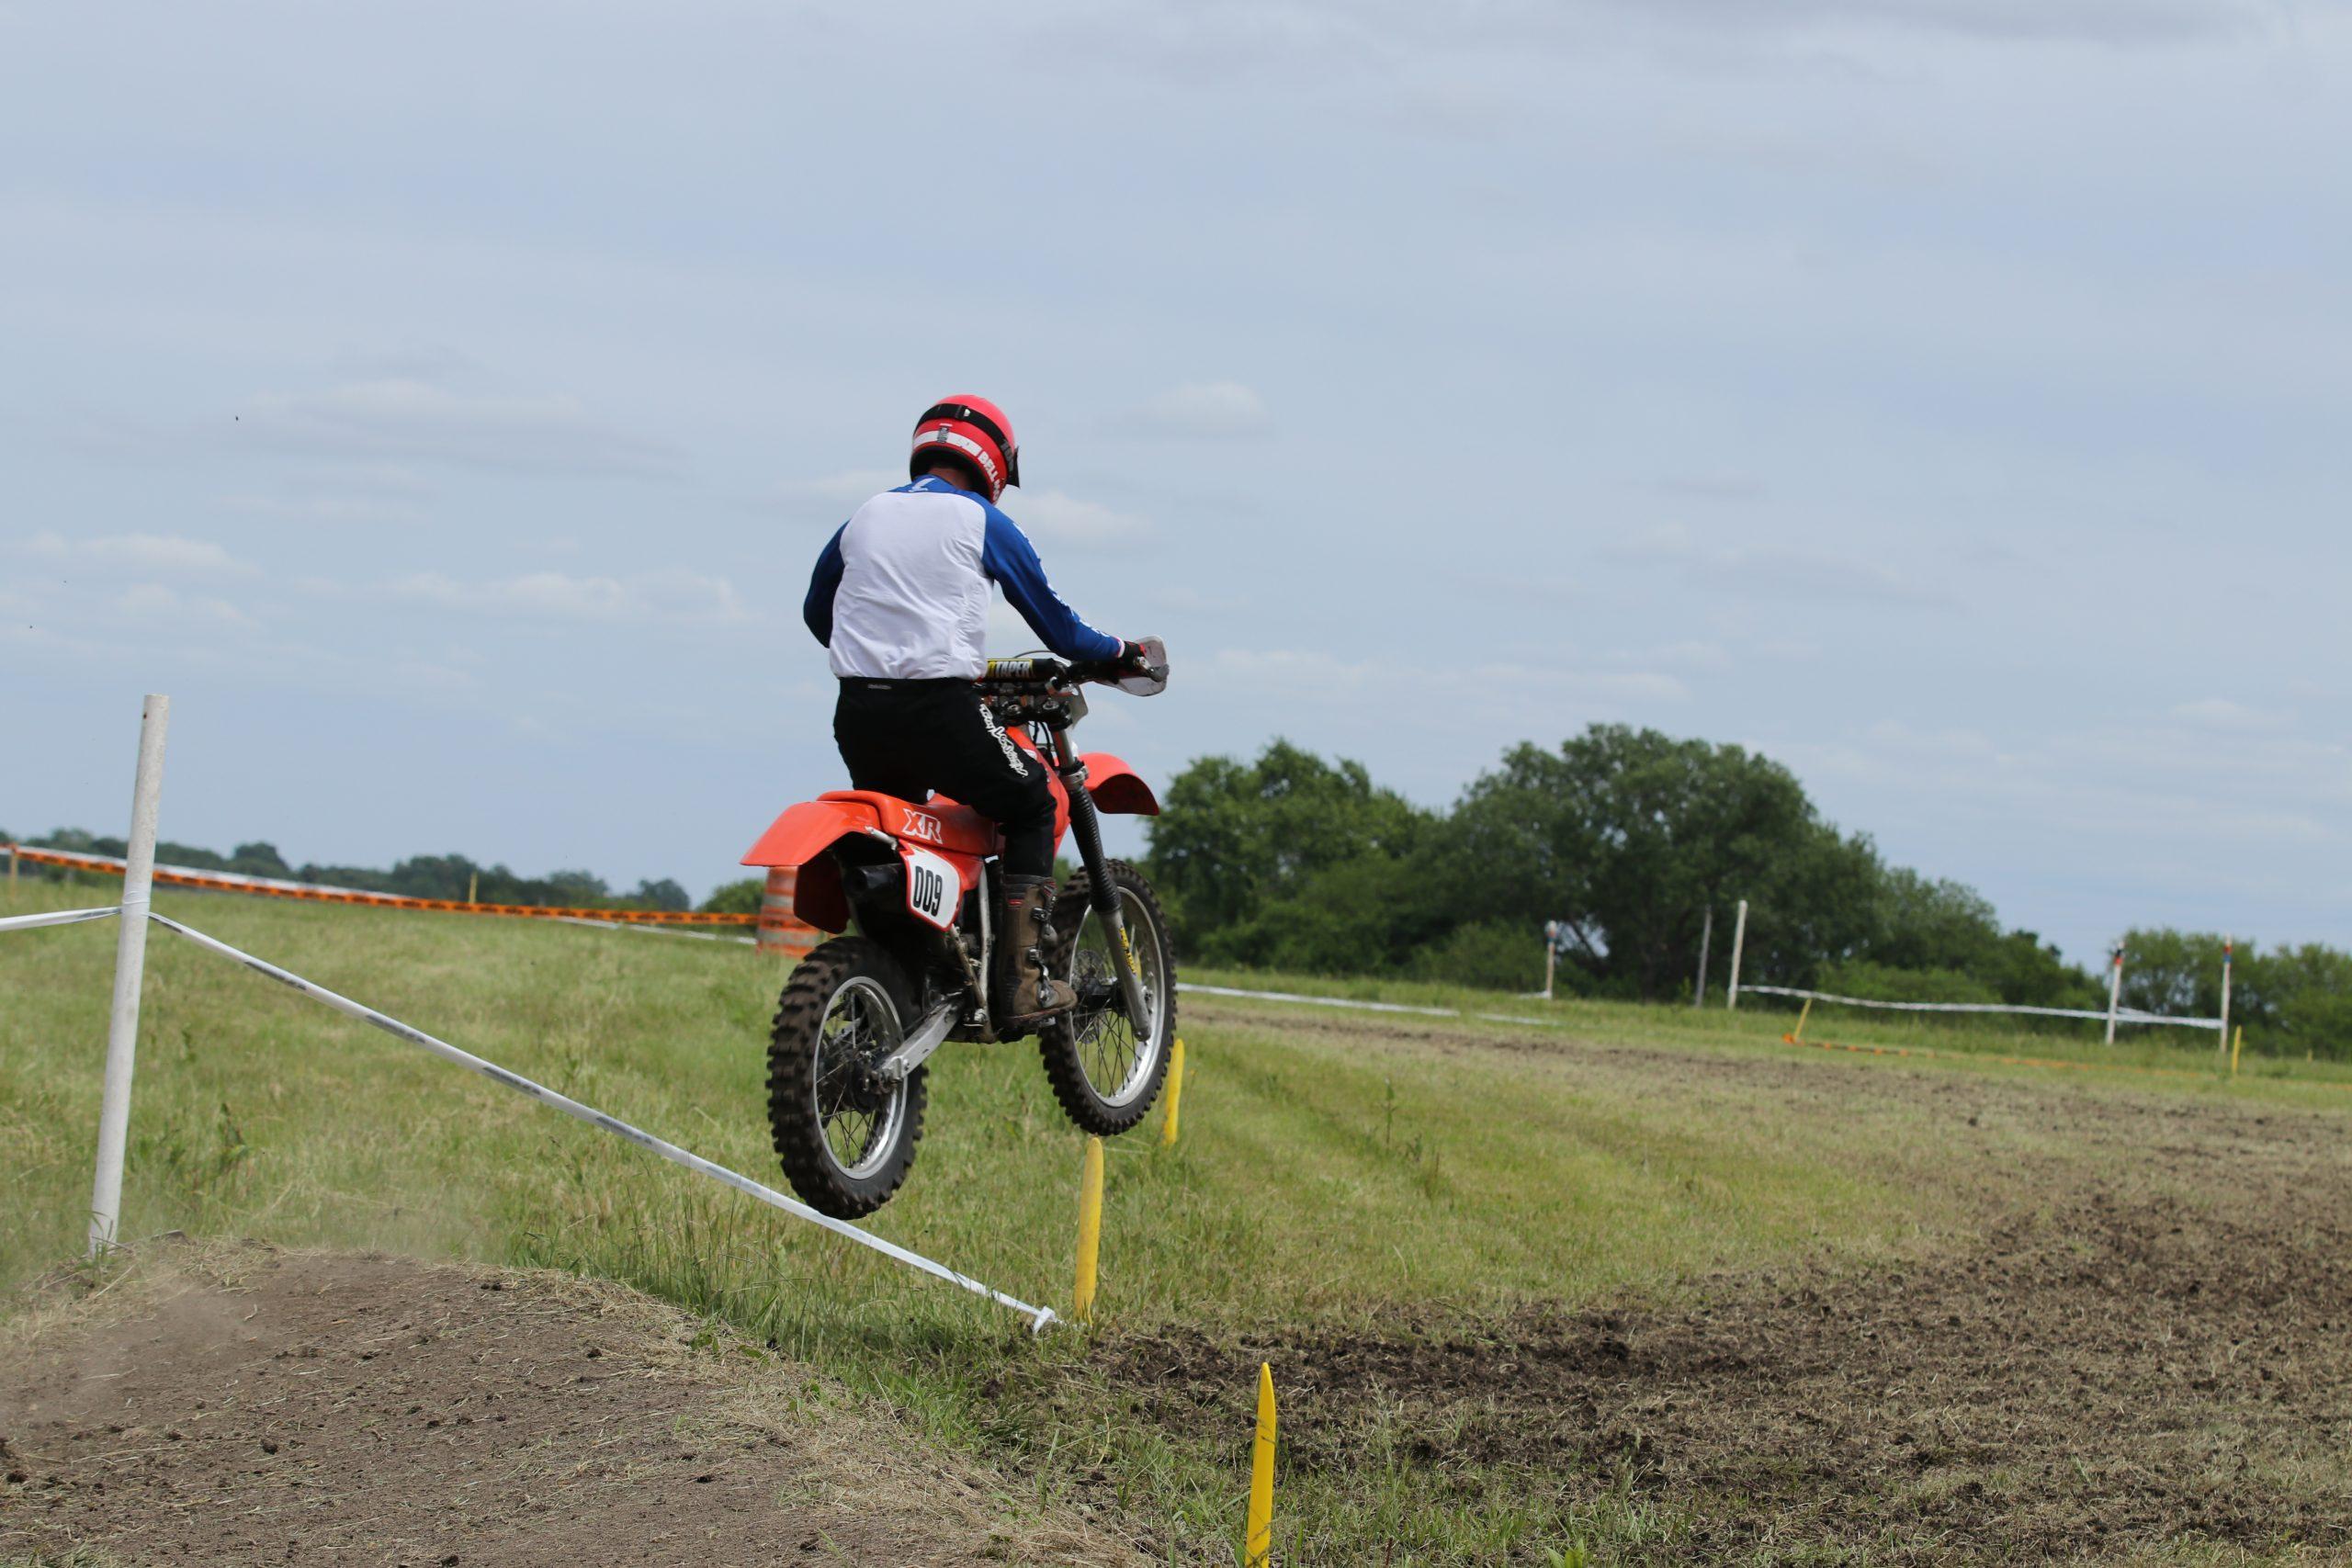 heartland motofest Kyle Smith small jump